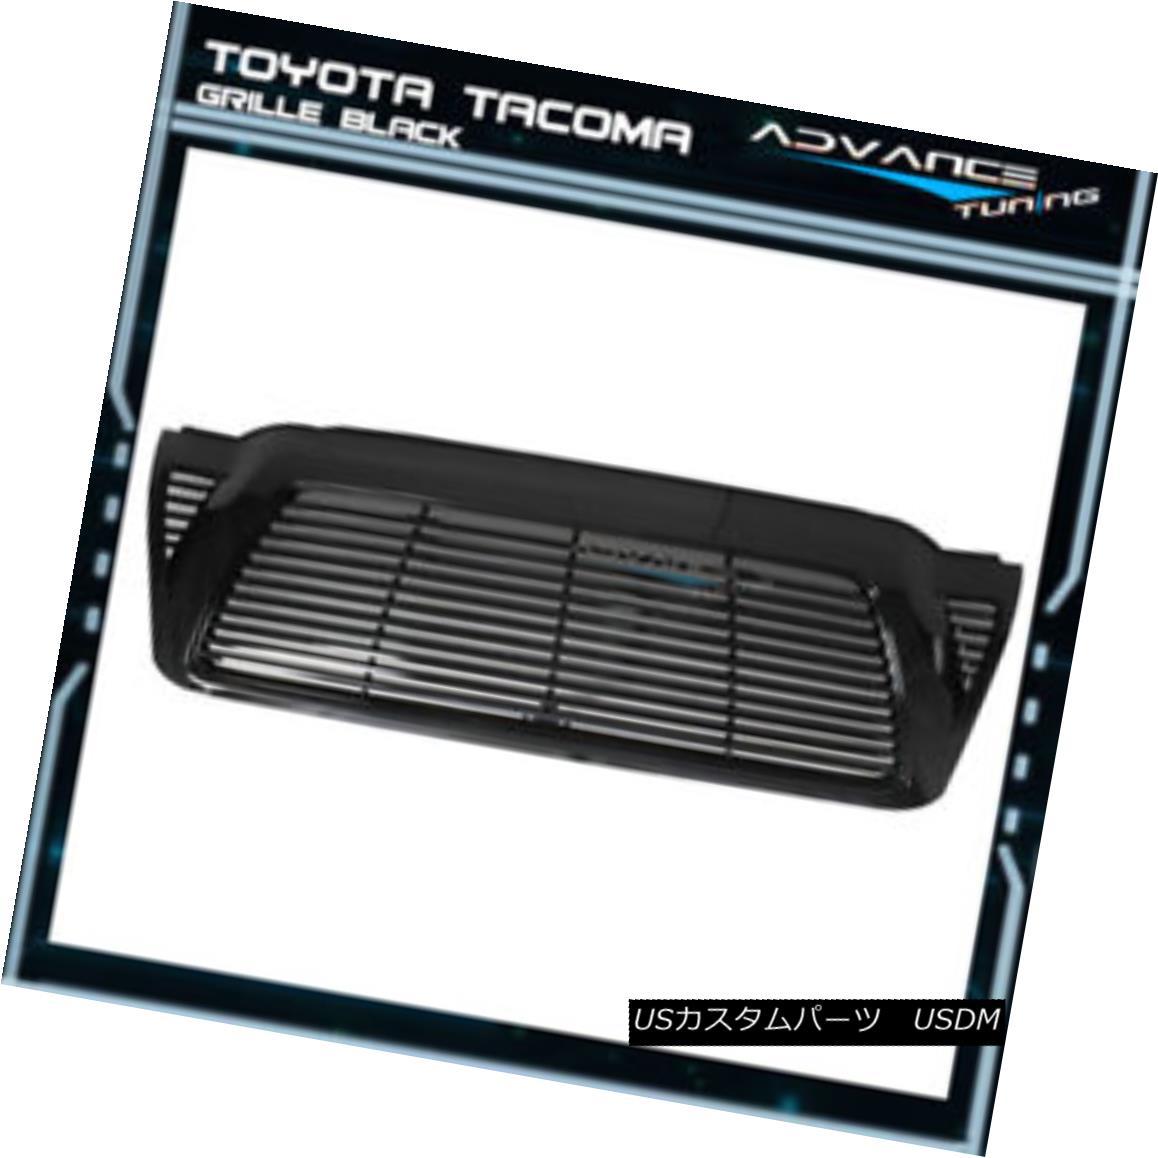 グリル For 05-11 Toyota Tacoma Front Hood Grill Grille Unpainted Black - ABS 05-11トヨタタコマフロントフードグリルグリル無塗装ブラック - ABS